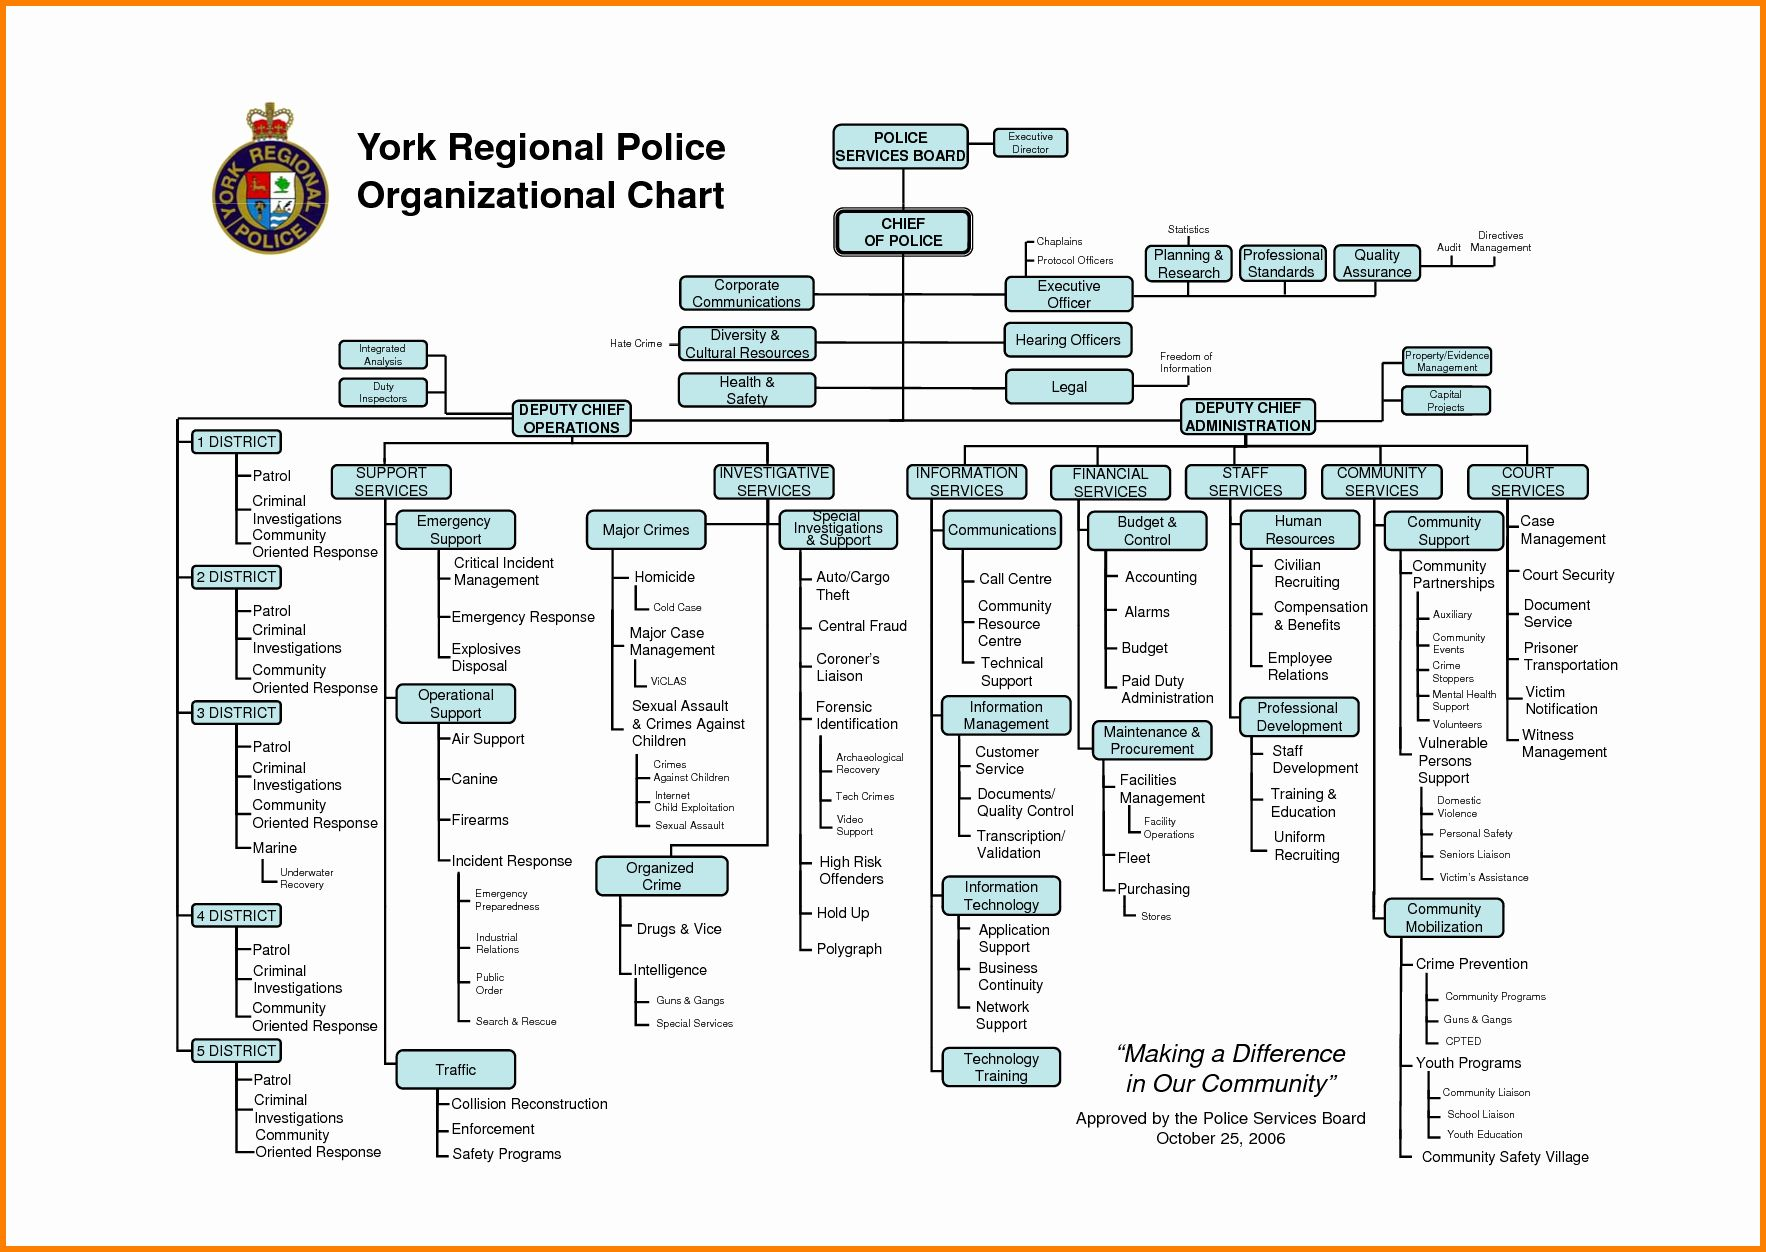 40 Org Chart Template Word In 2020 Org Chart Employee Handbook